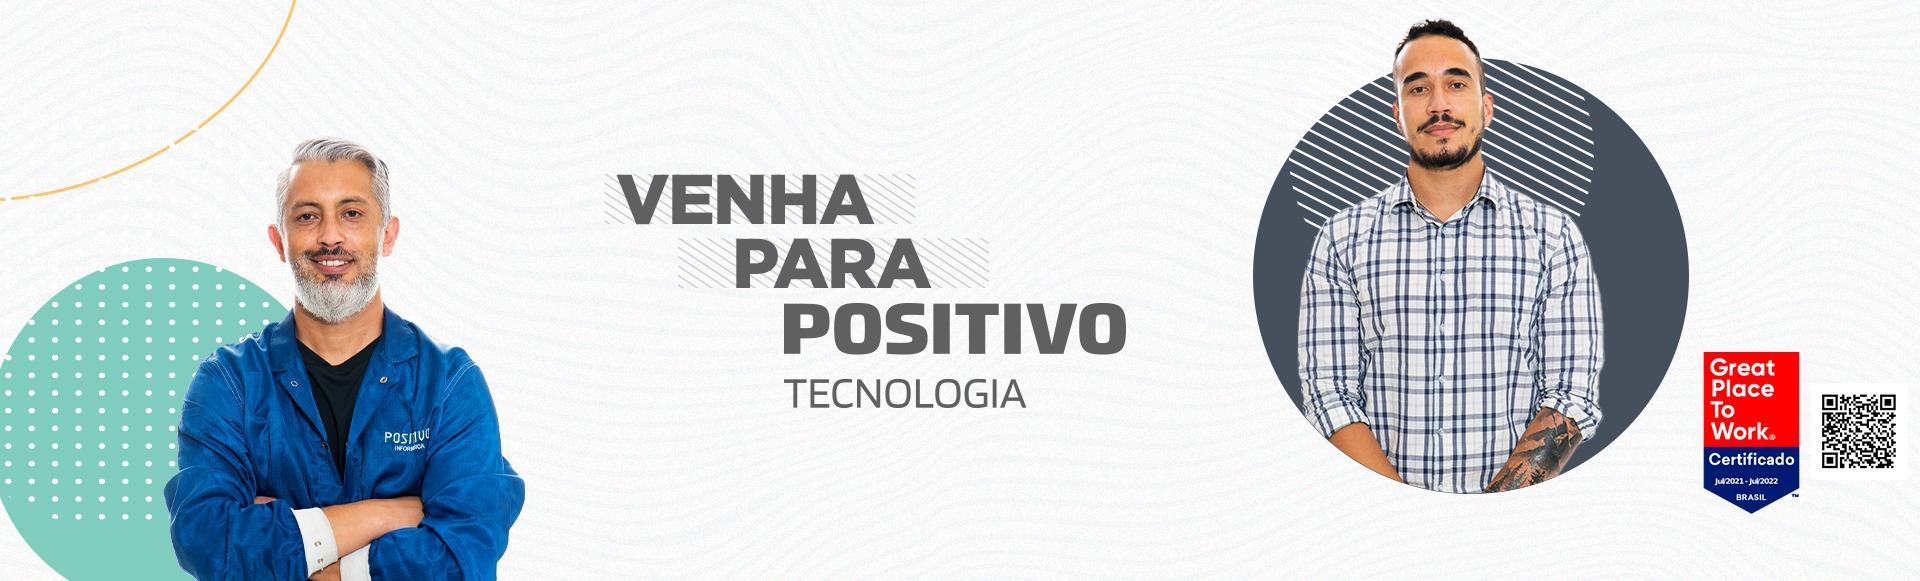 DESENVOLVEDOR ANDROID PLATAFORMA - MANAUS